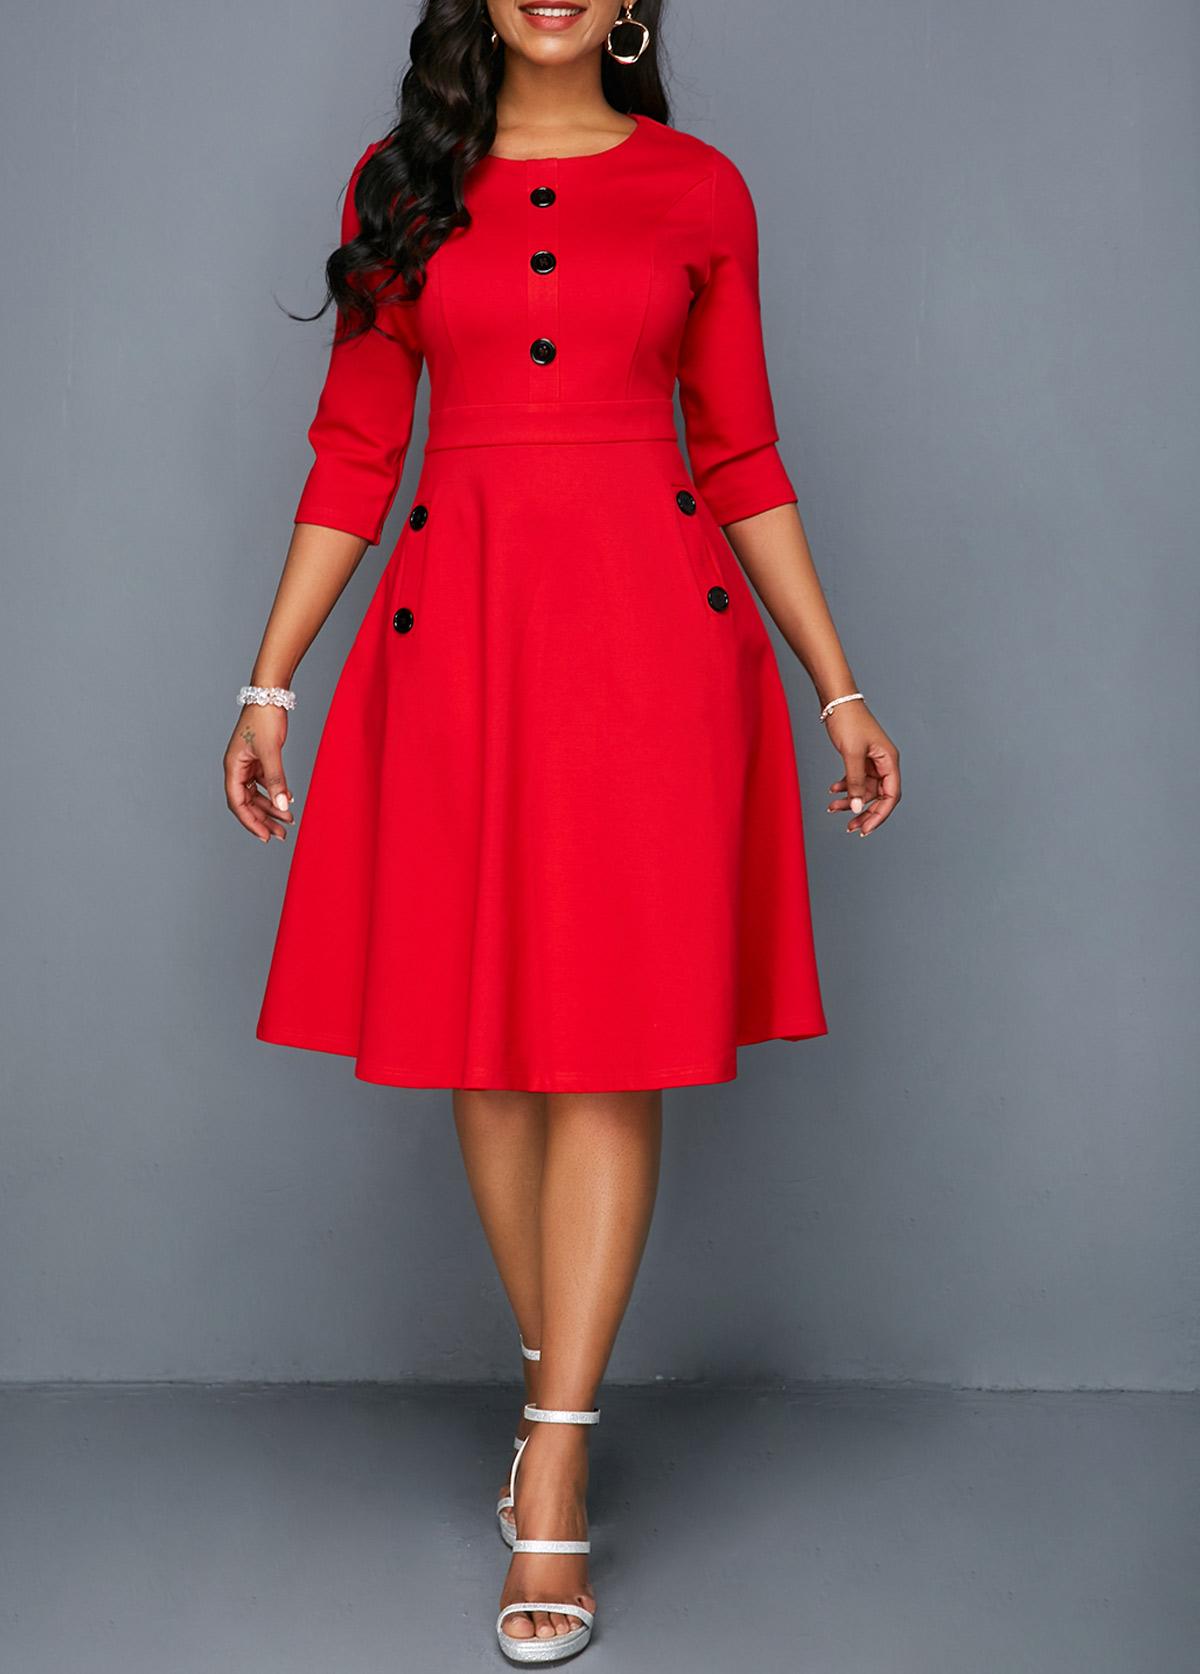 Button Embellished Red Pocket A Line Dress